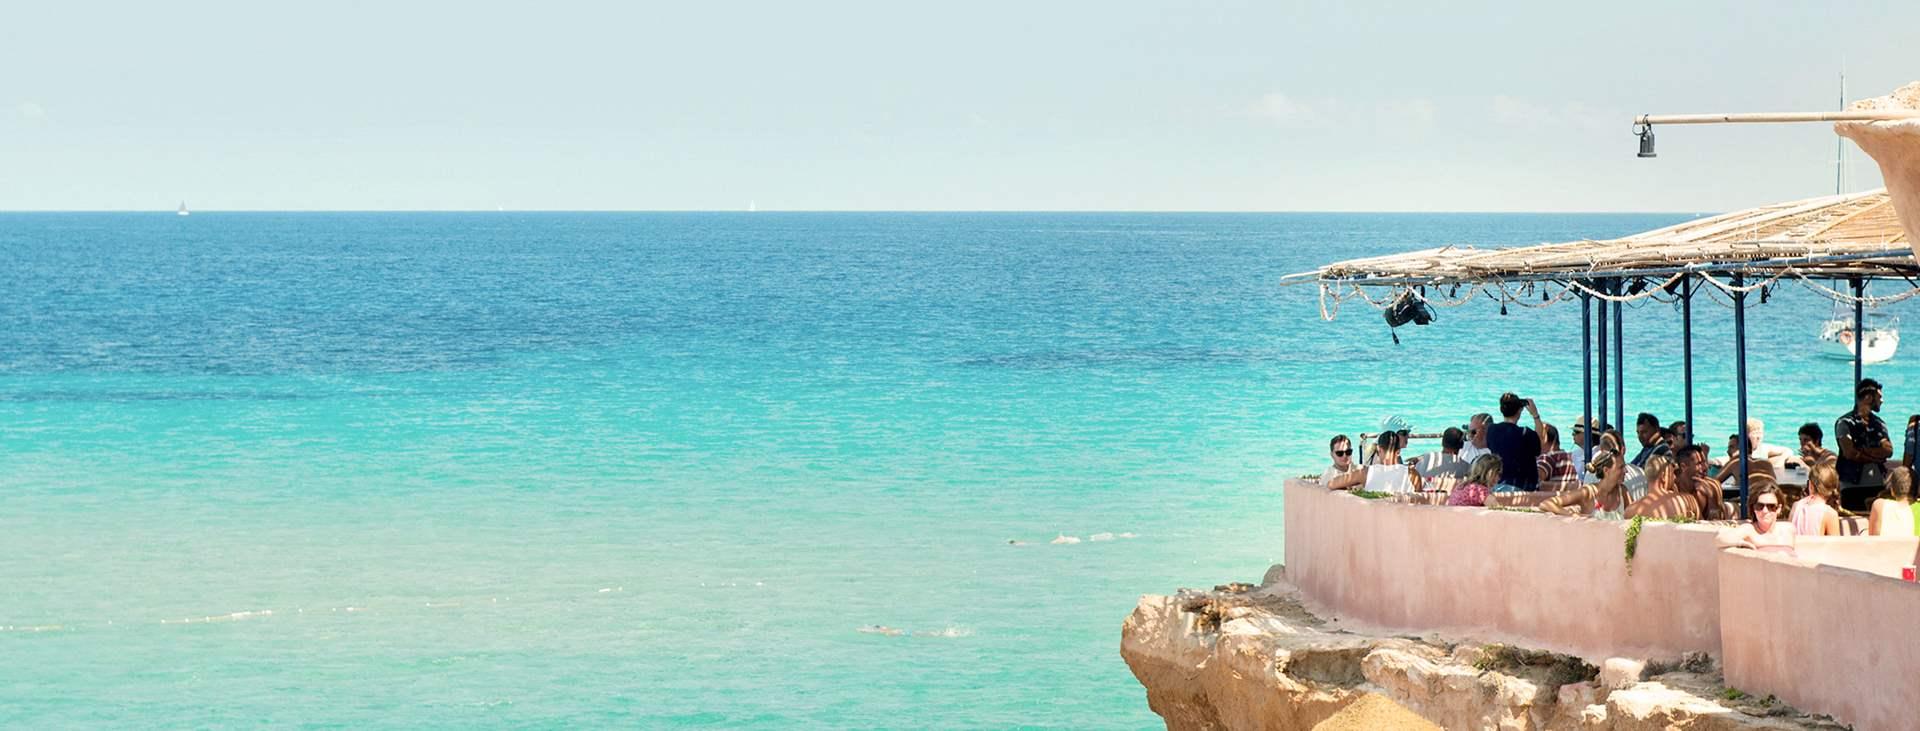 Rejser til Ibiza - Find billige rejser her   Spies